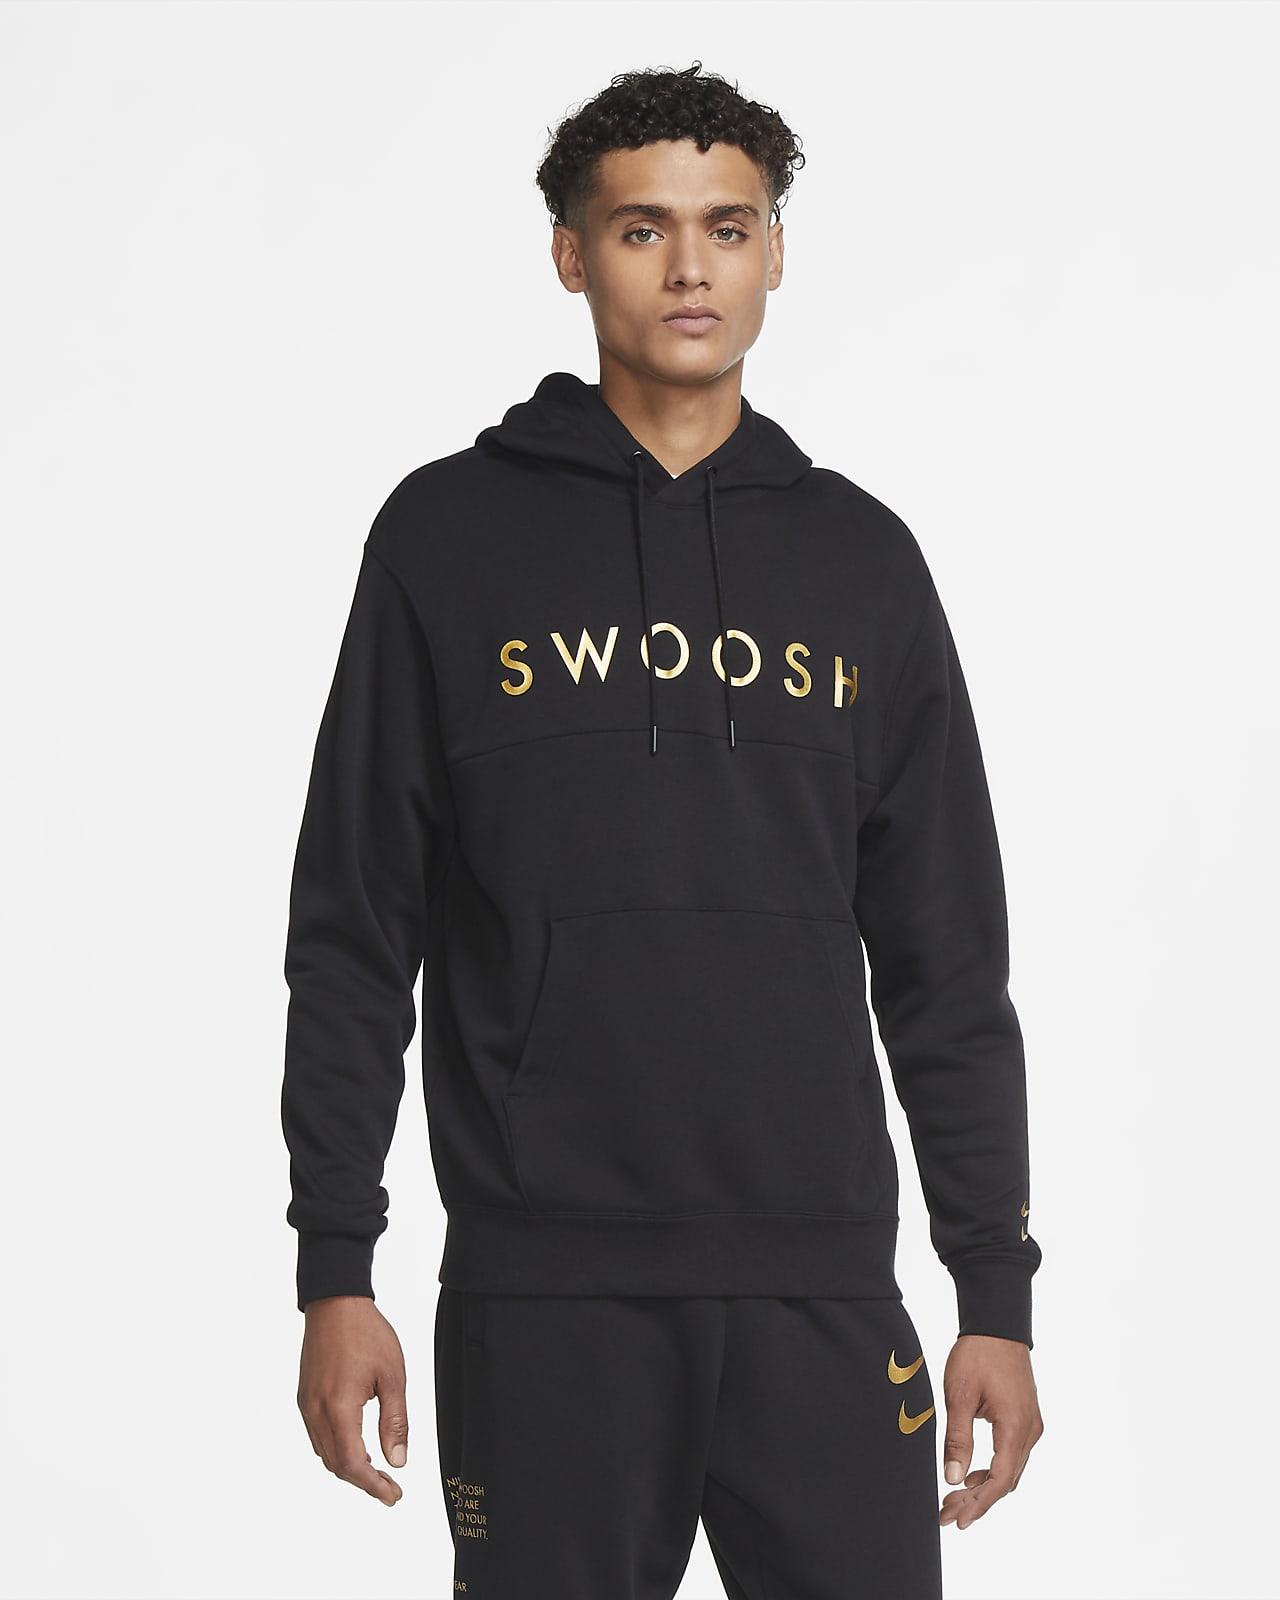 Nike Sportswear Swoosh Herren-Hoodie